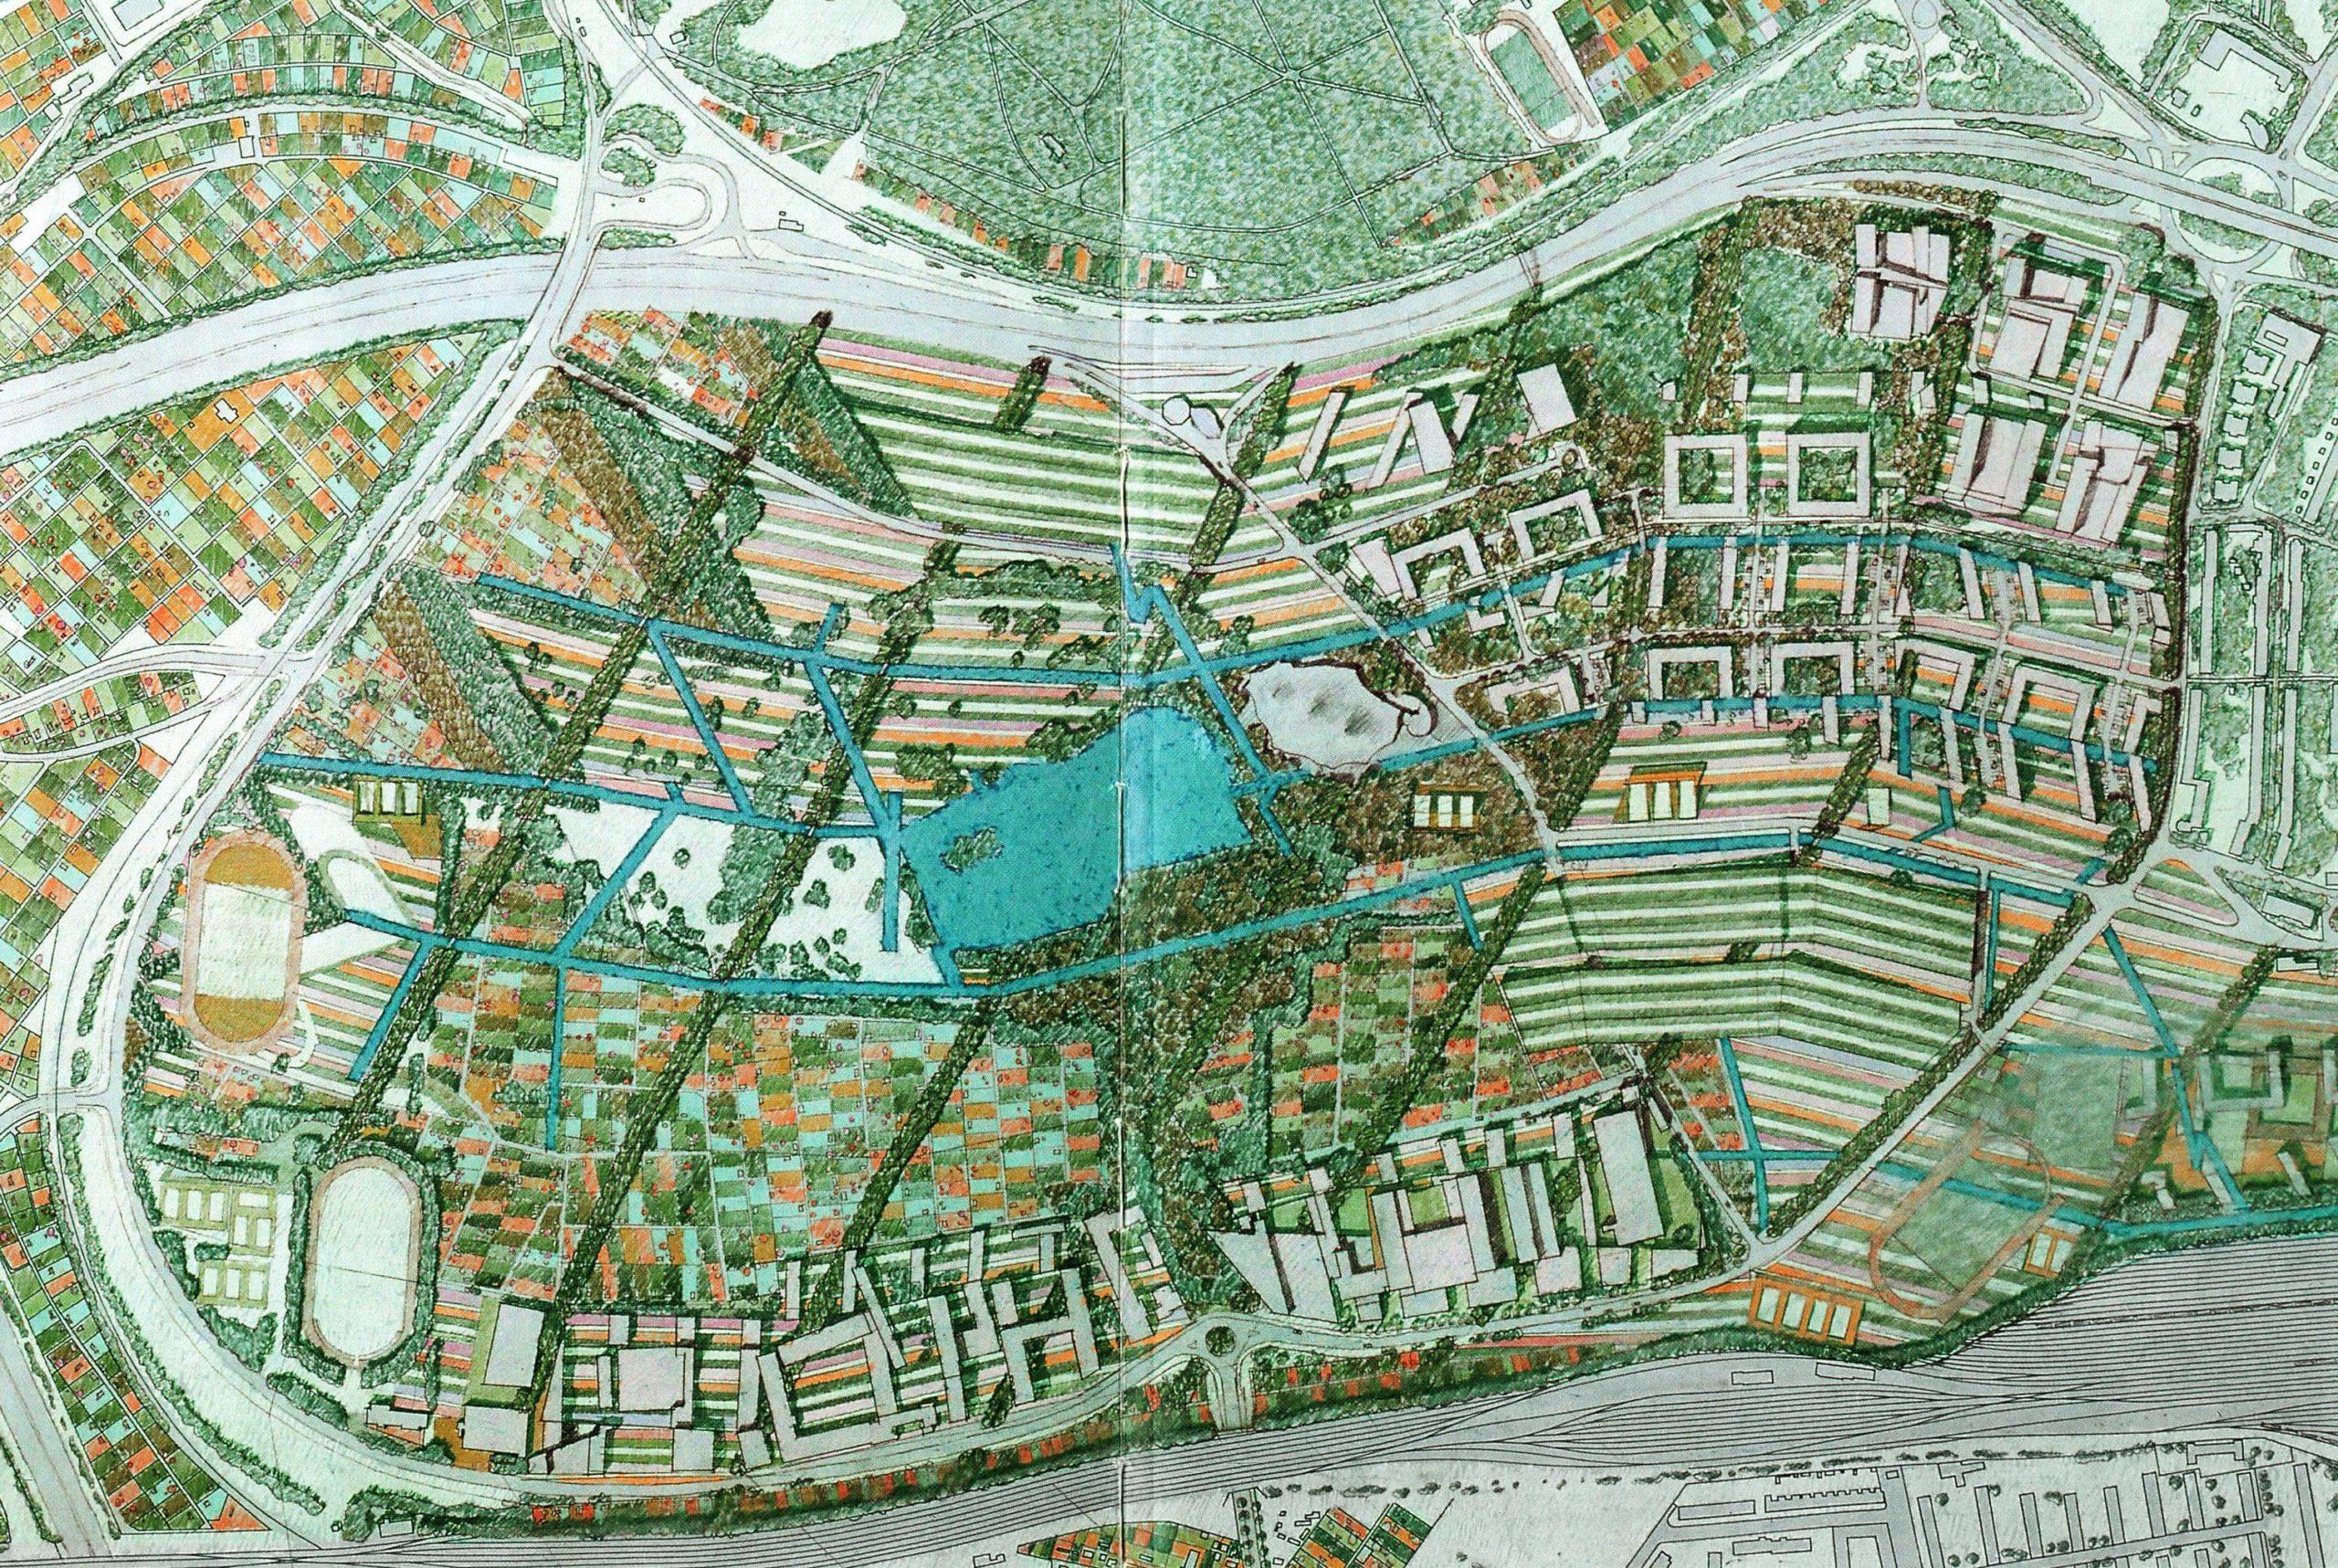 …und den Landschaftsbau des ganzen Stadtteiles